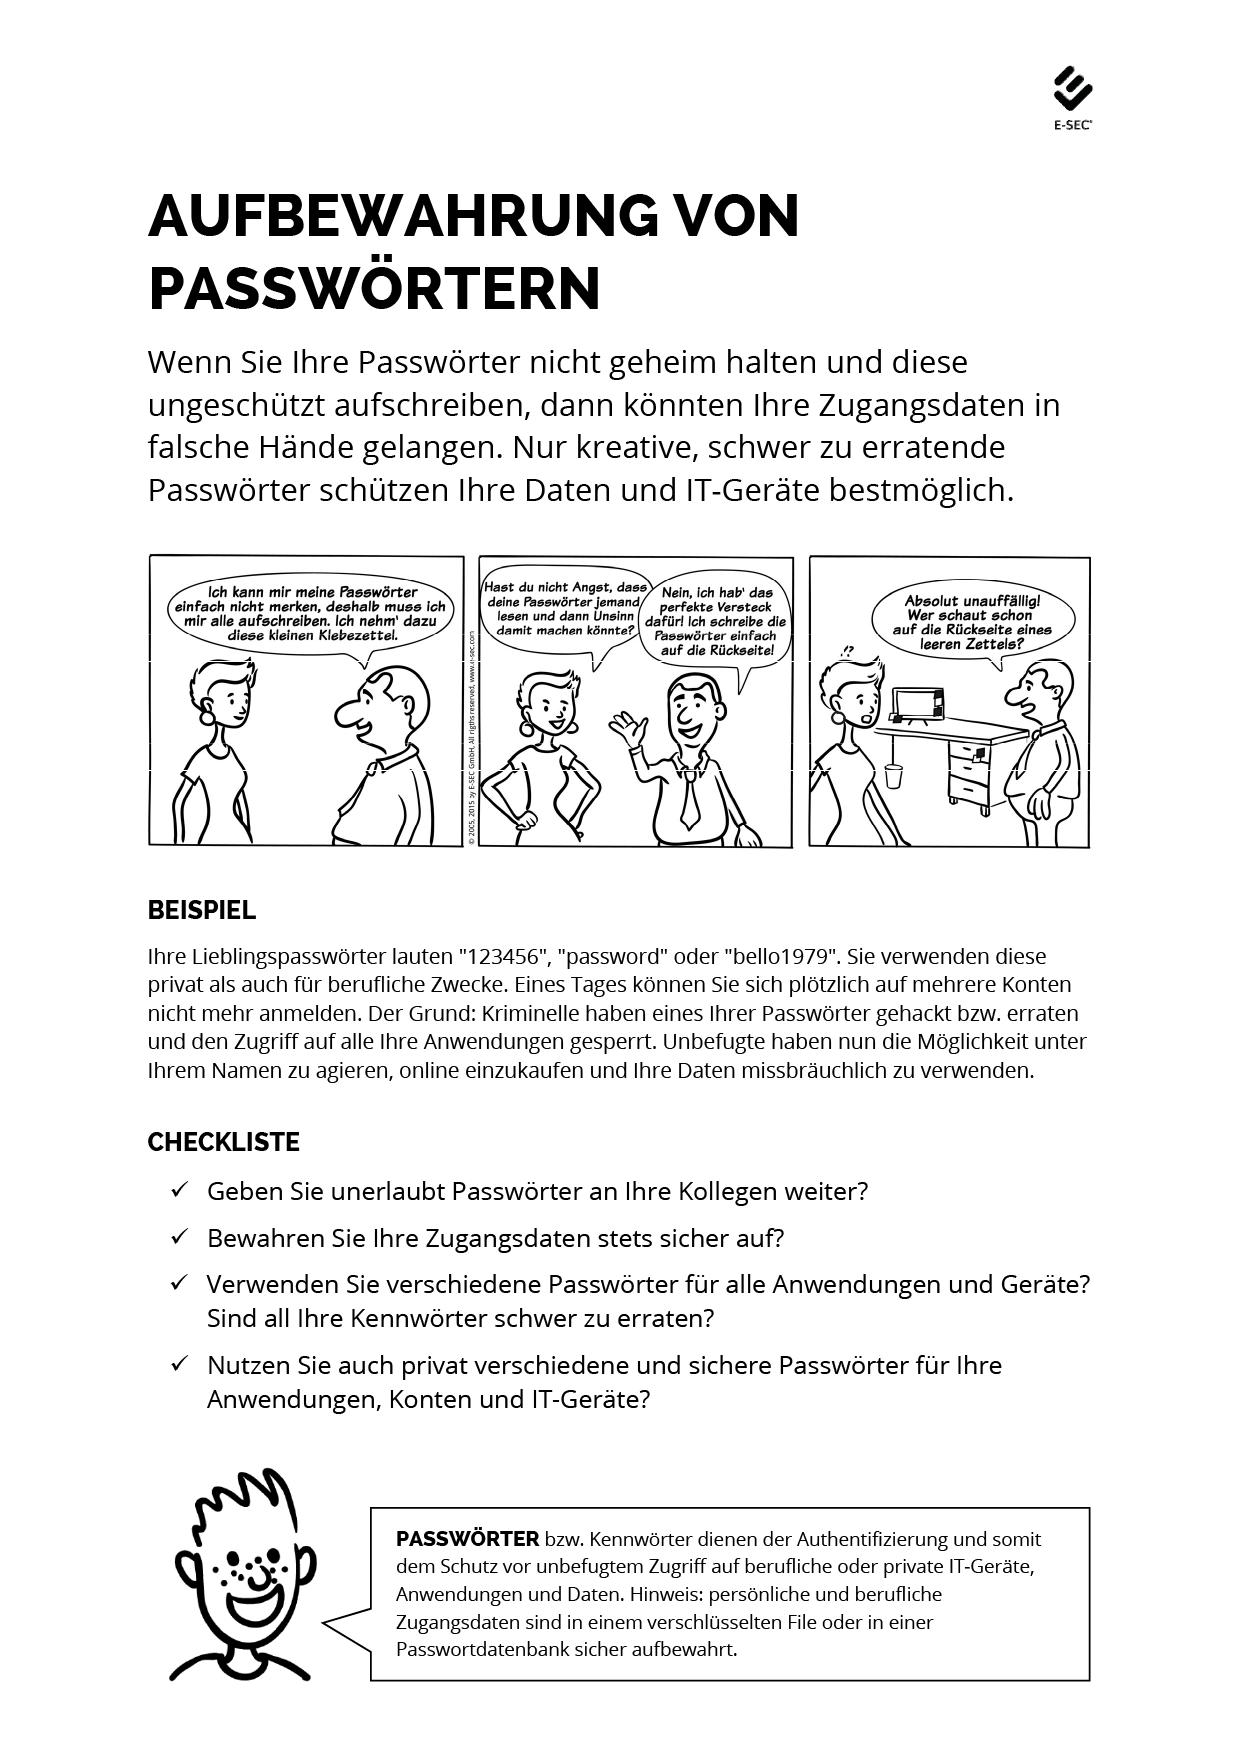 Aufbewahrung von Passwörtern